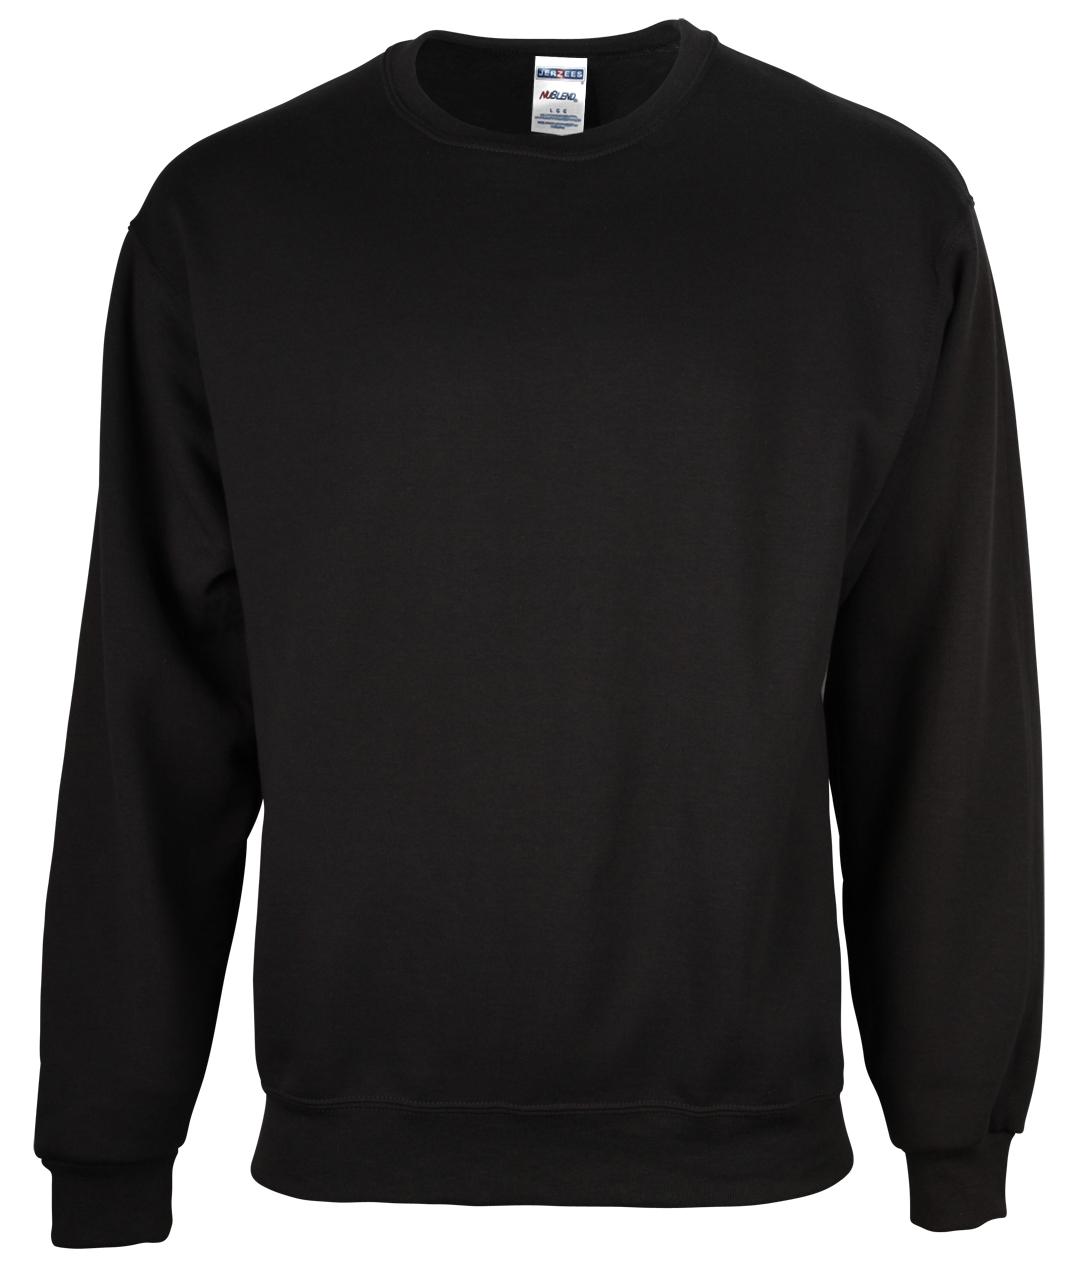 Picture of Jerzees Nublend Crew Neck Sweatshirt